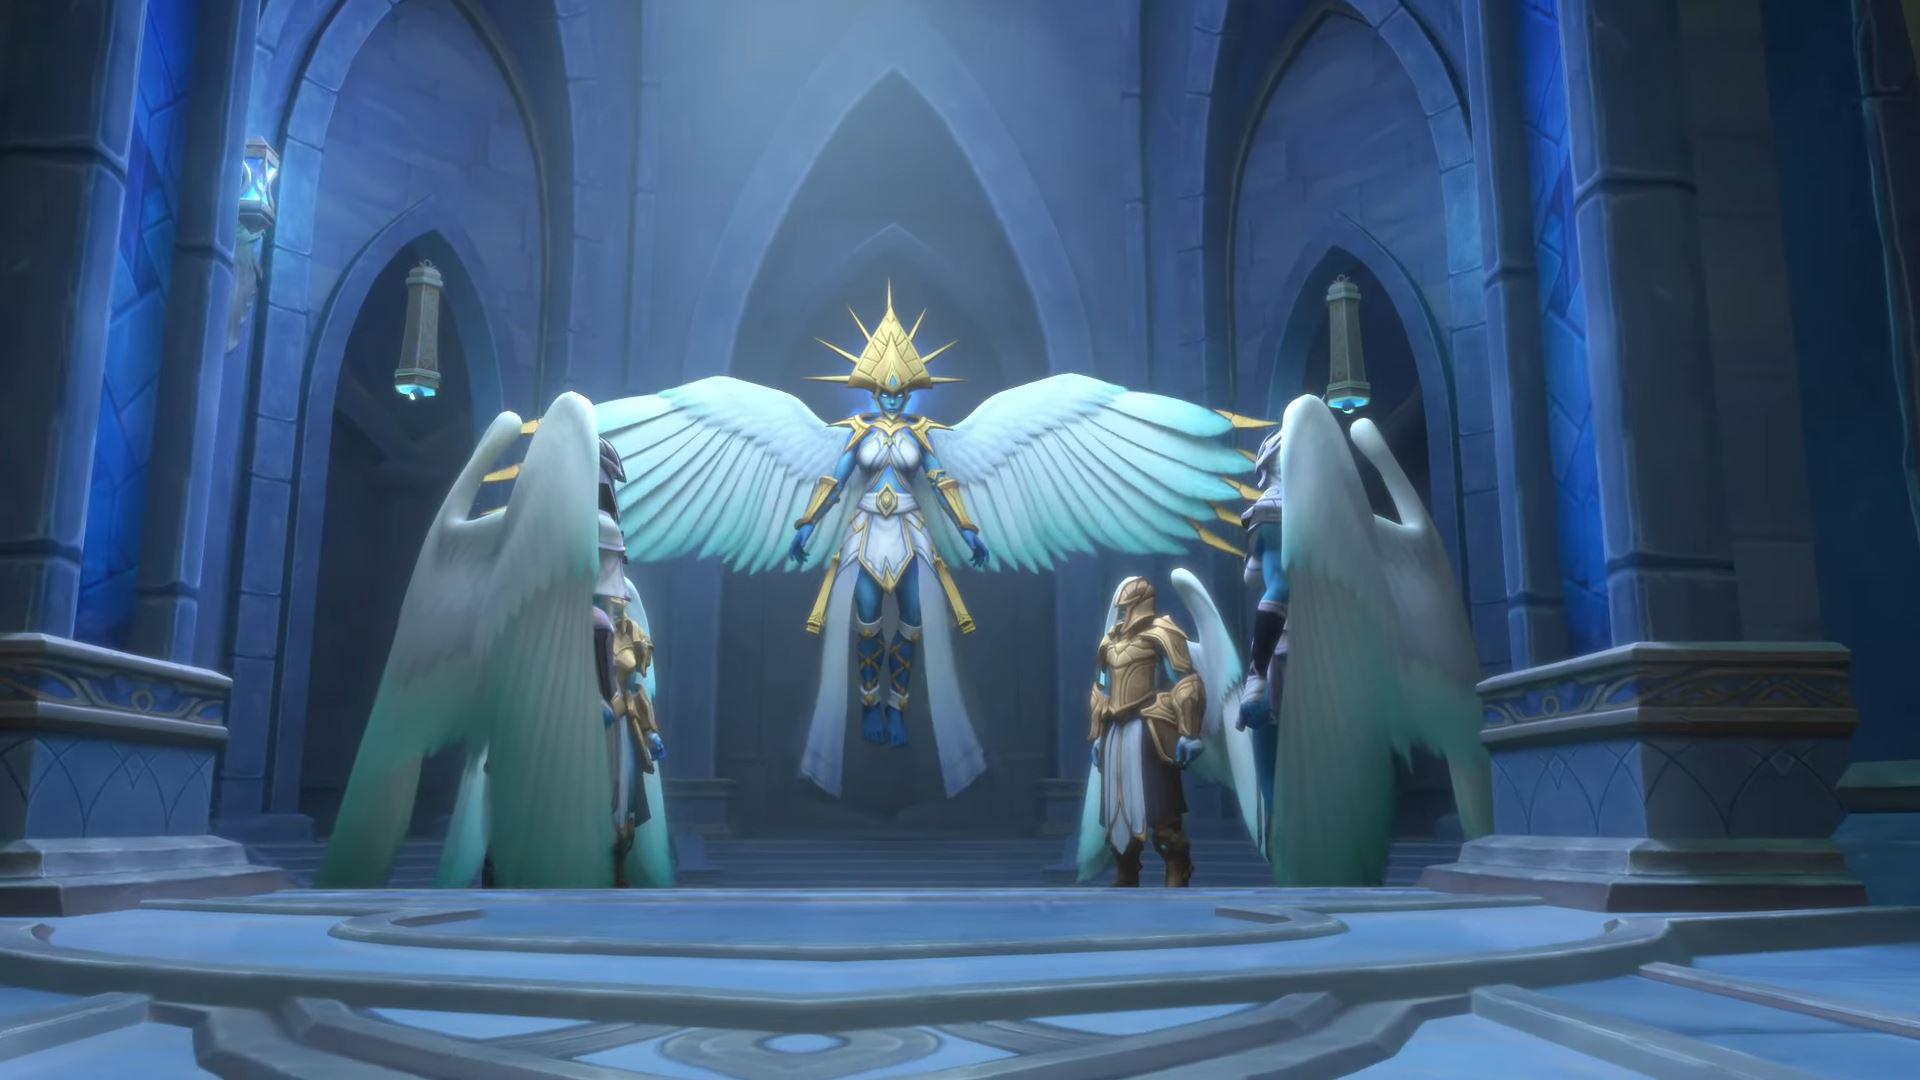 Kyrestia l'Archonte discute du sort préoccupant de l'Ombreterre